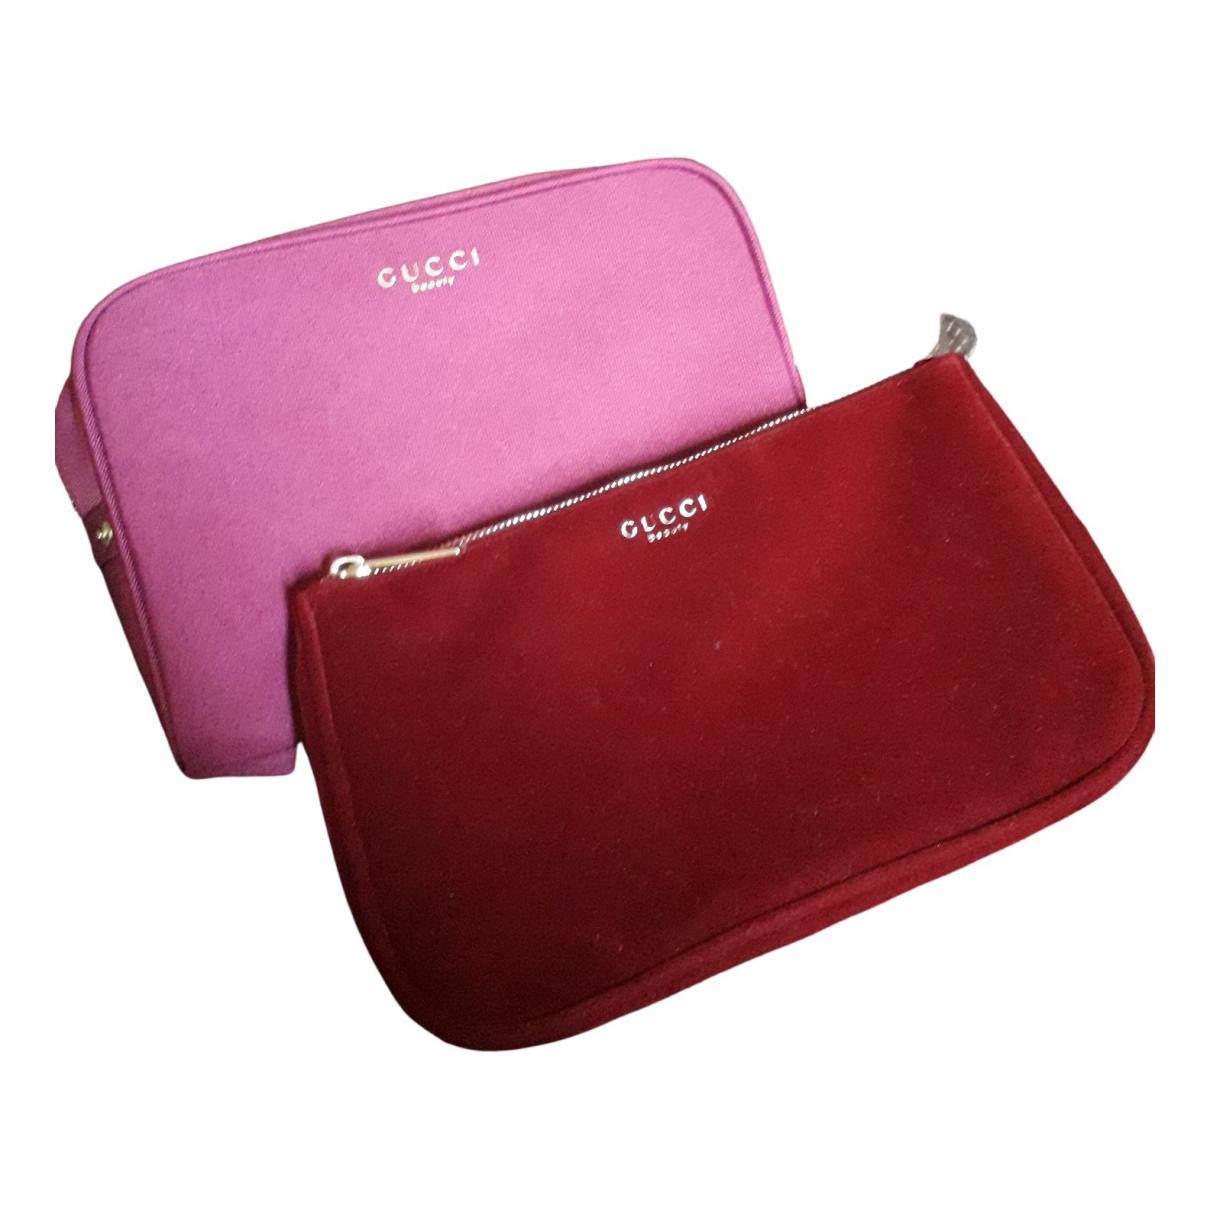 Gucci - Sac de voyage   pour femme en coton - violet